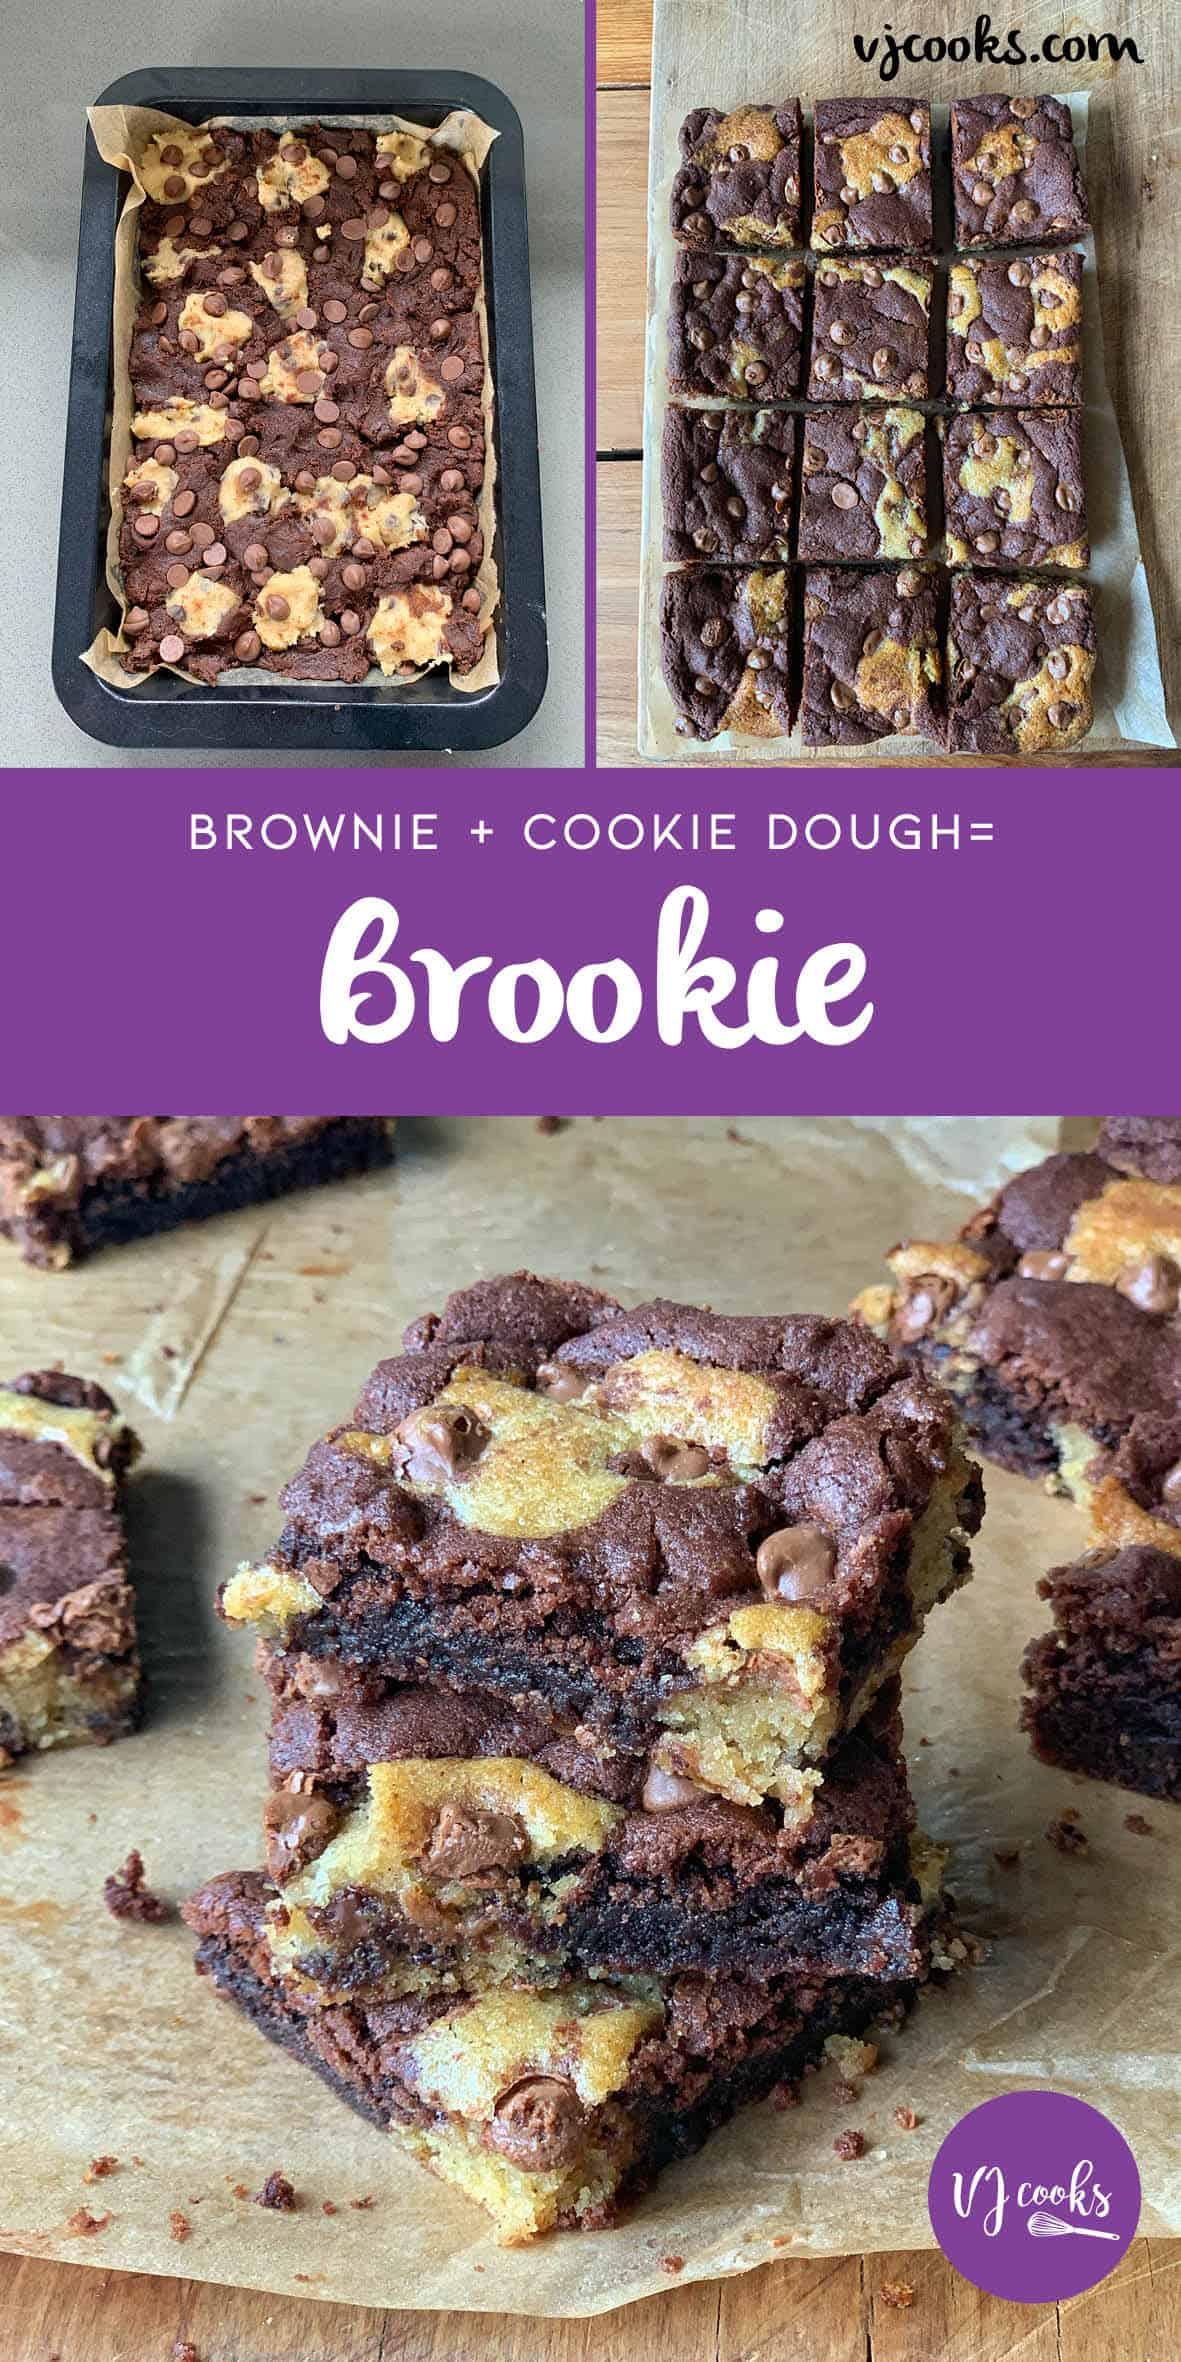 brookies - brownies with cookie dough